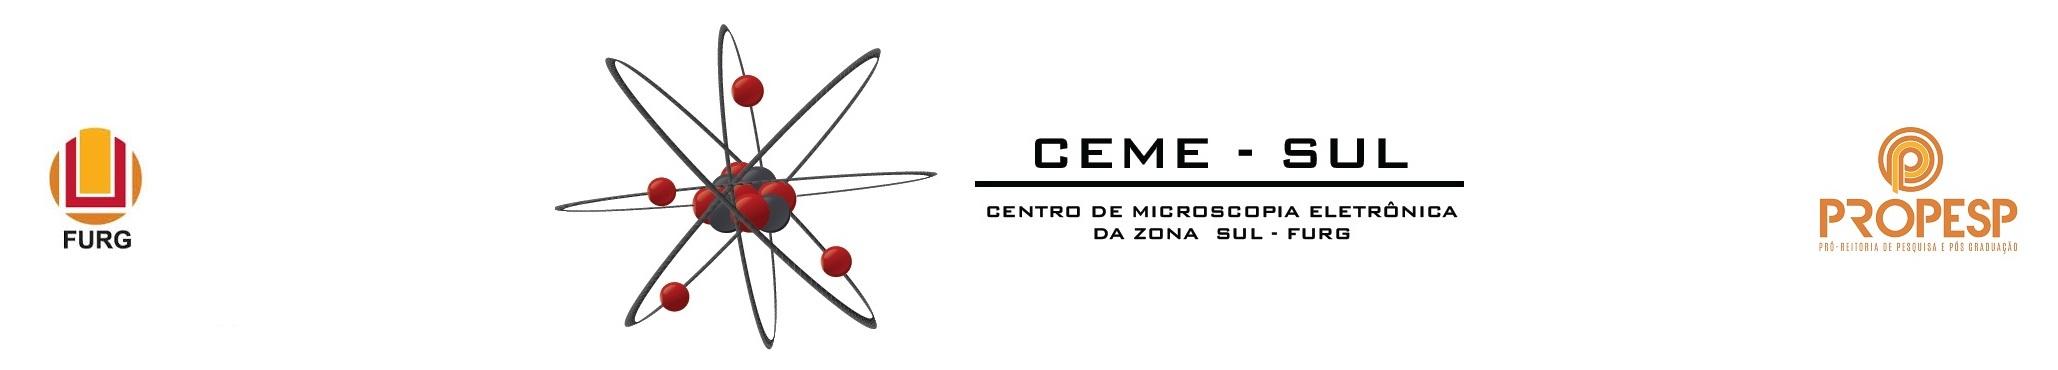 Centro de Microscopia Eletrônica da Zona Sul - FURG